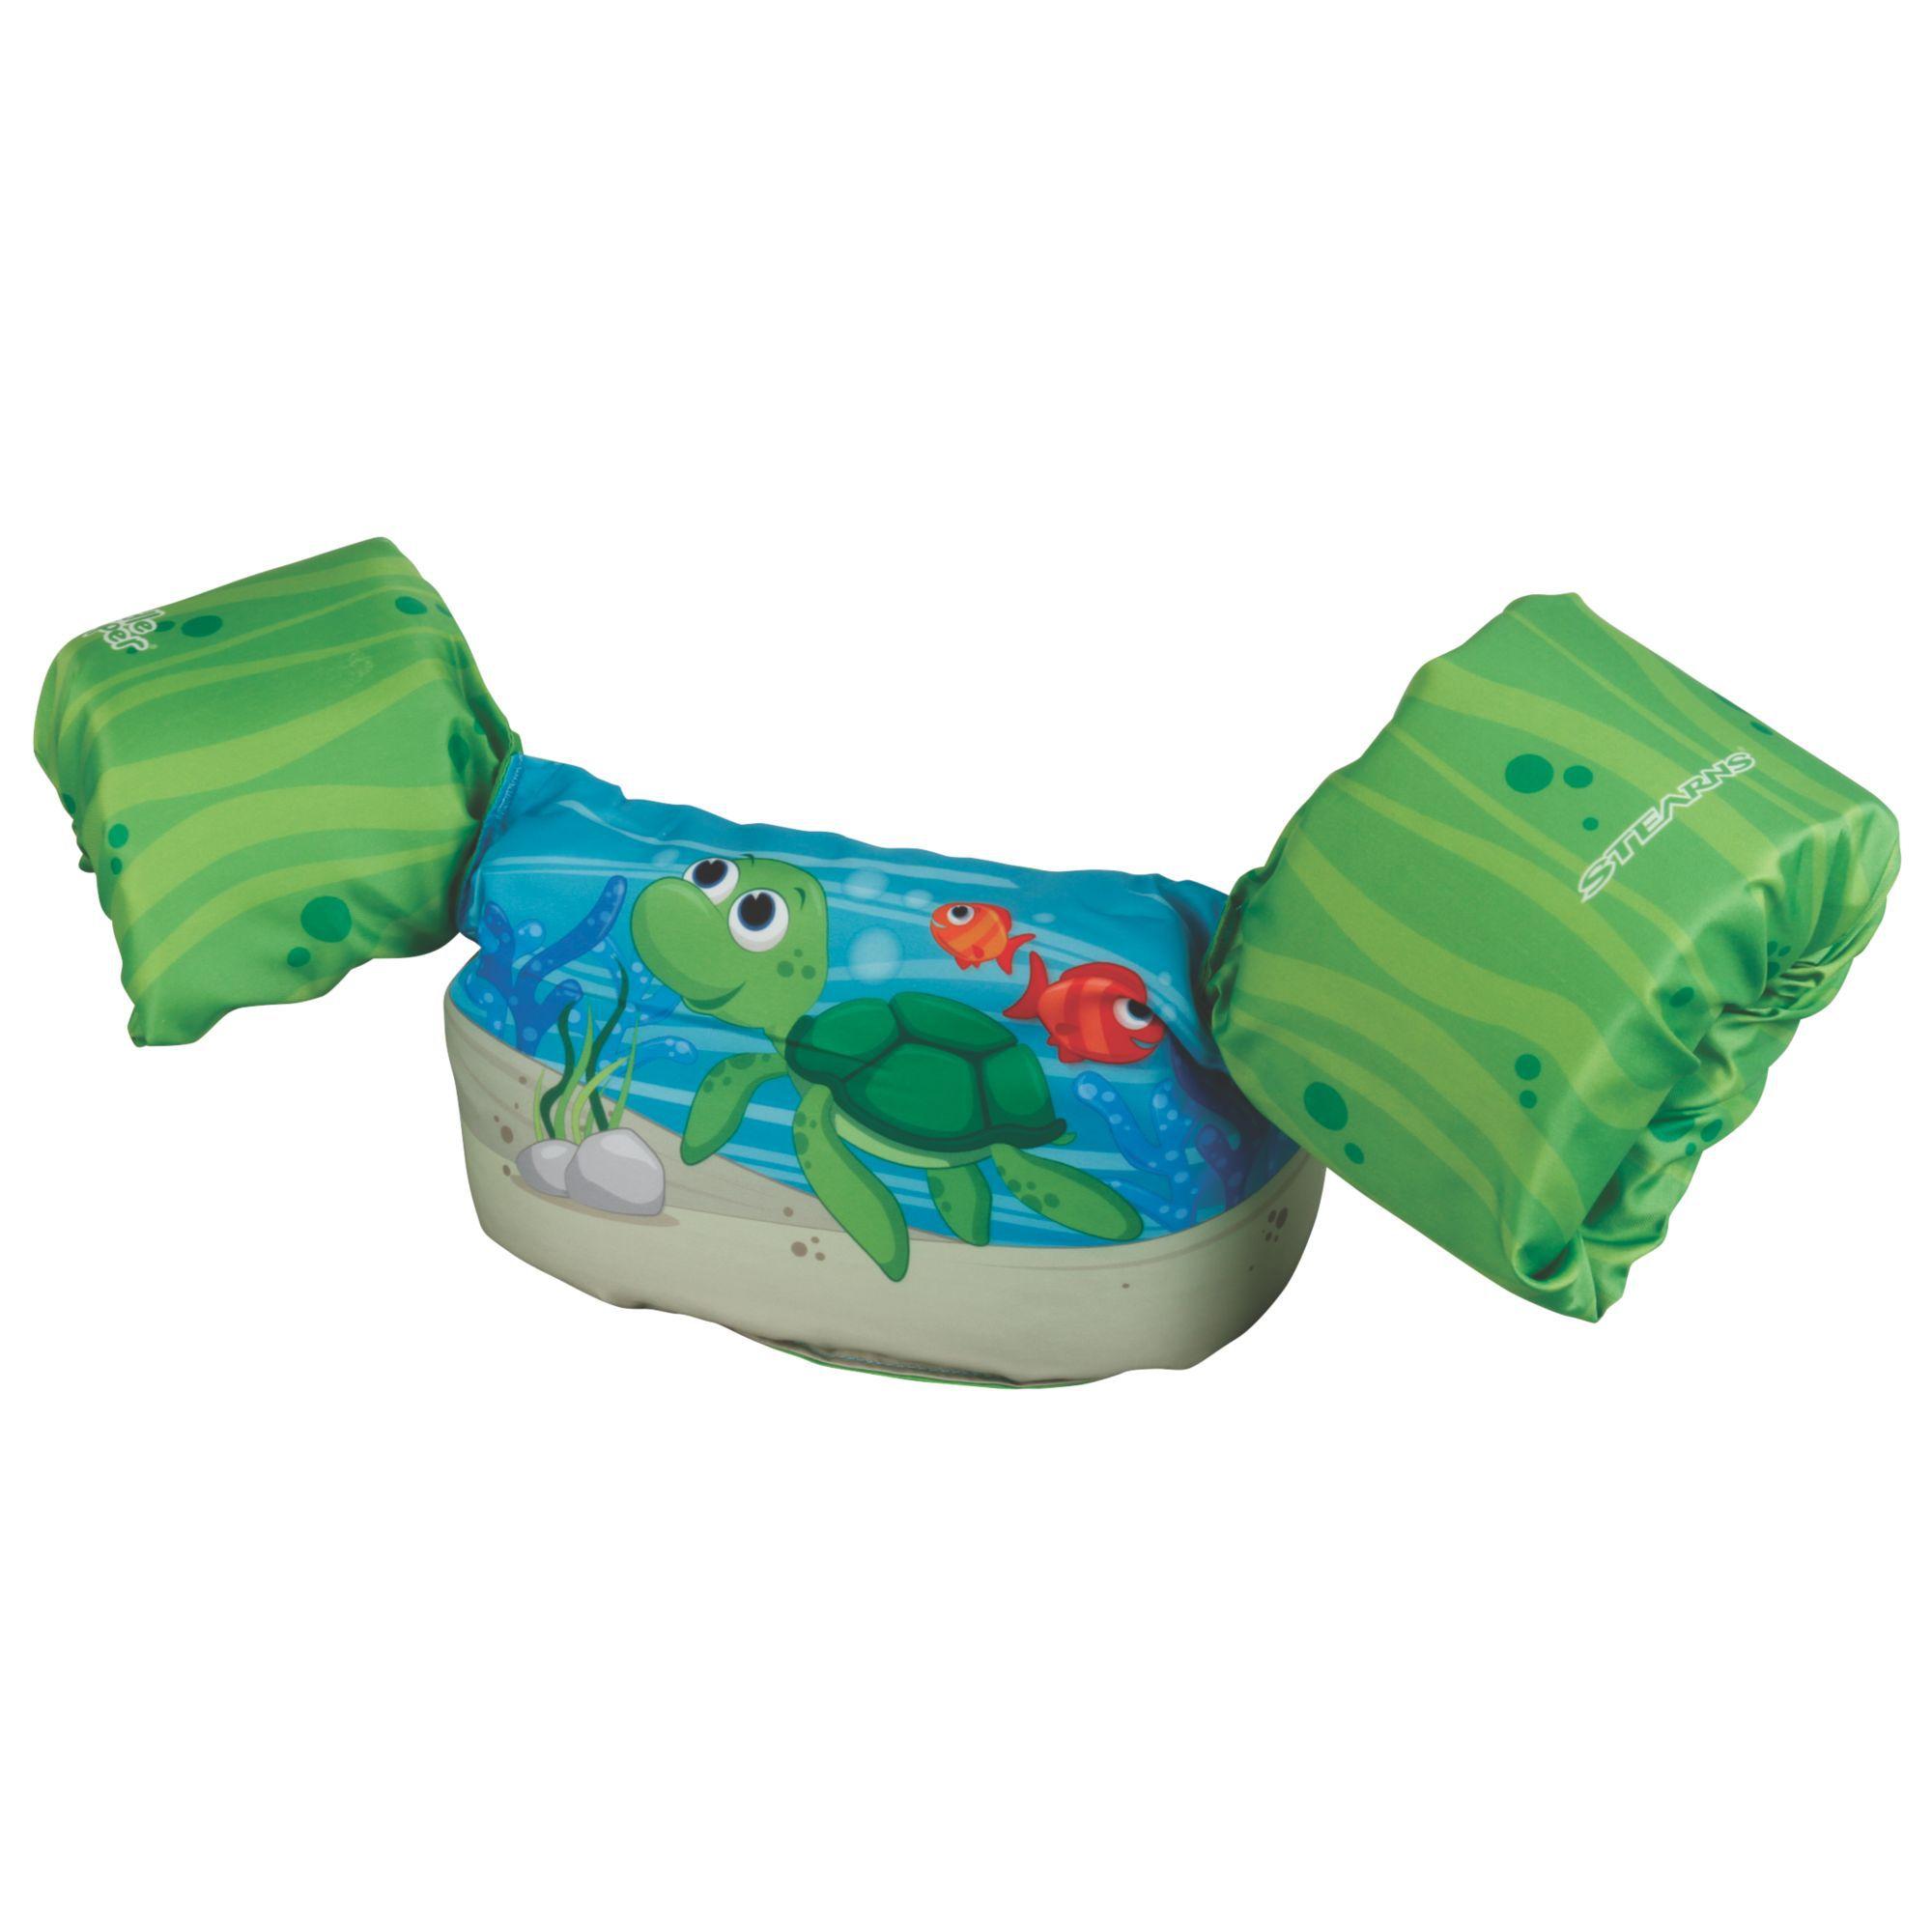 Boia Puddle Jumper Colete Infantil - Tartaruga Verde - Coleman